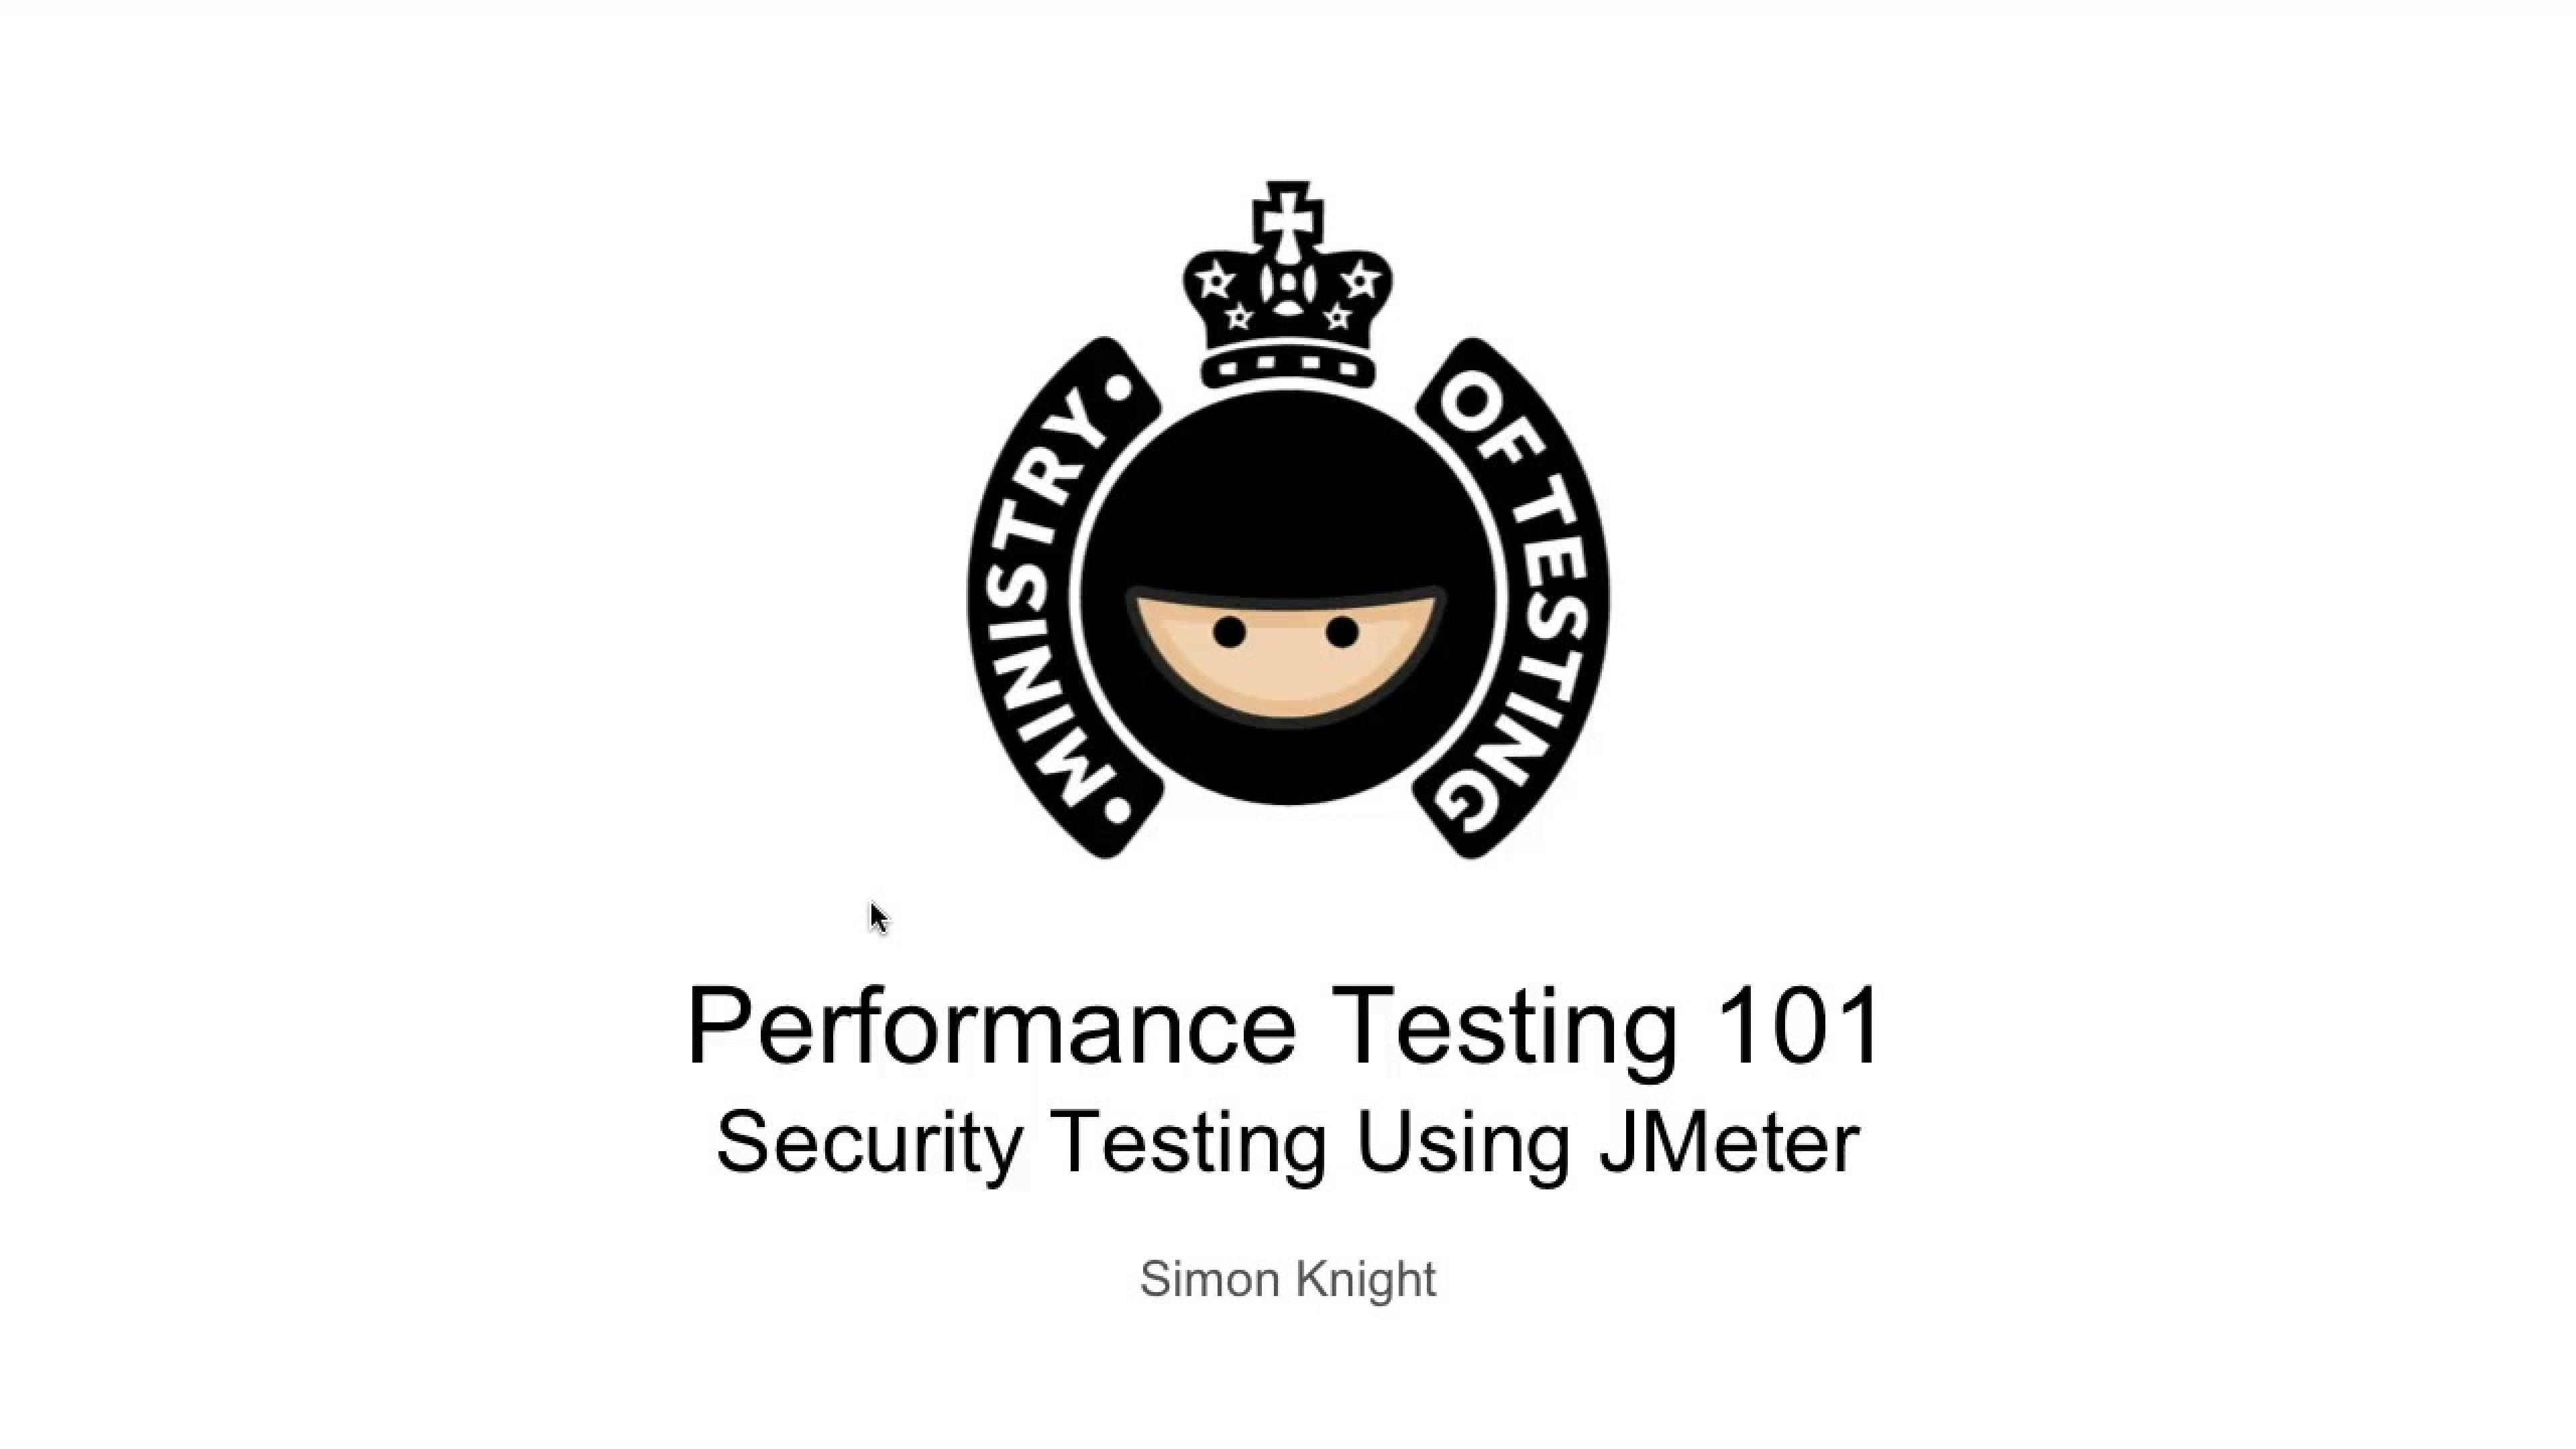 Security Testing Using JMeter